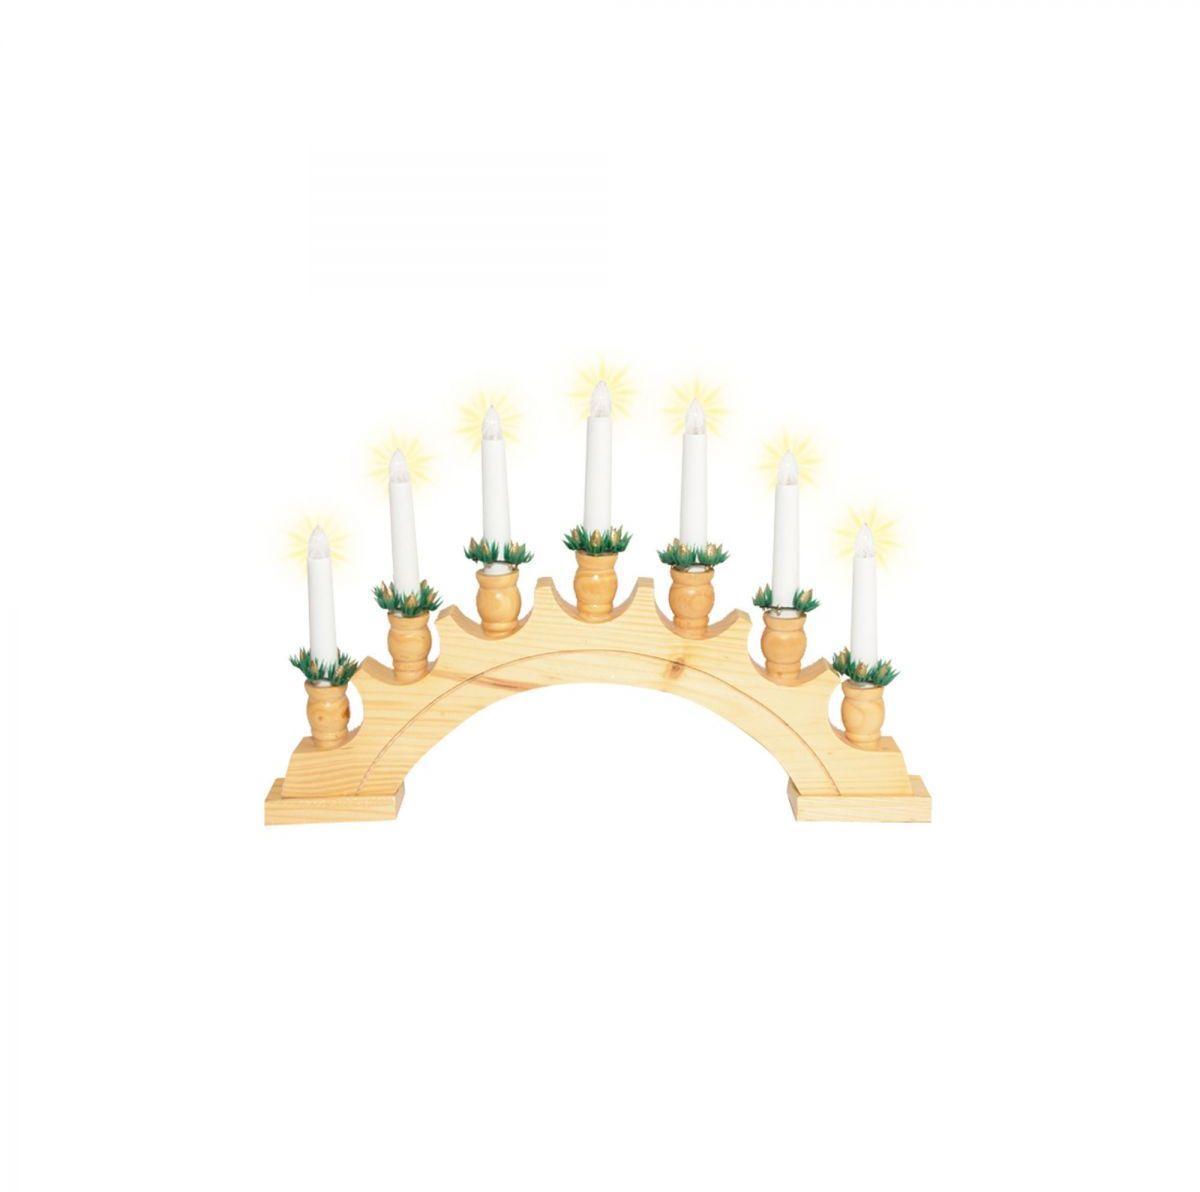 Vianočný svietnik oblúk, drevo, 7 žiaroviek, 230V KAD 02 Somogyi